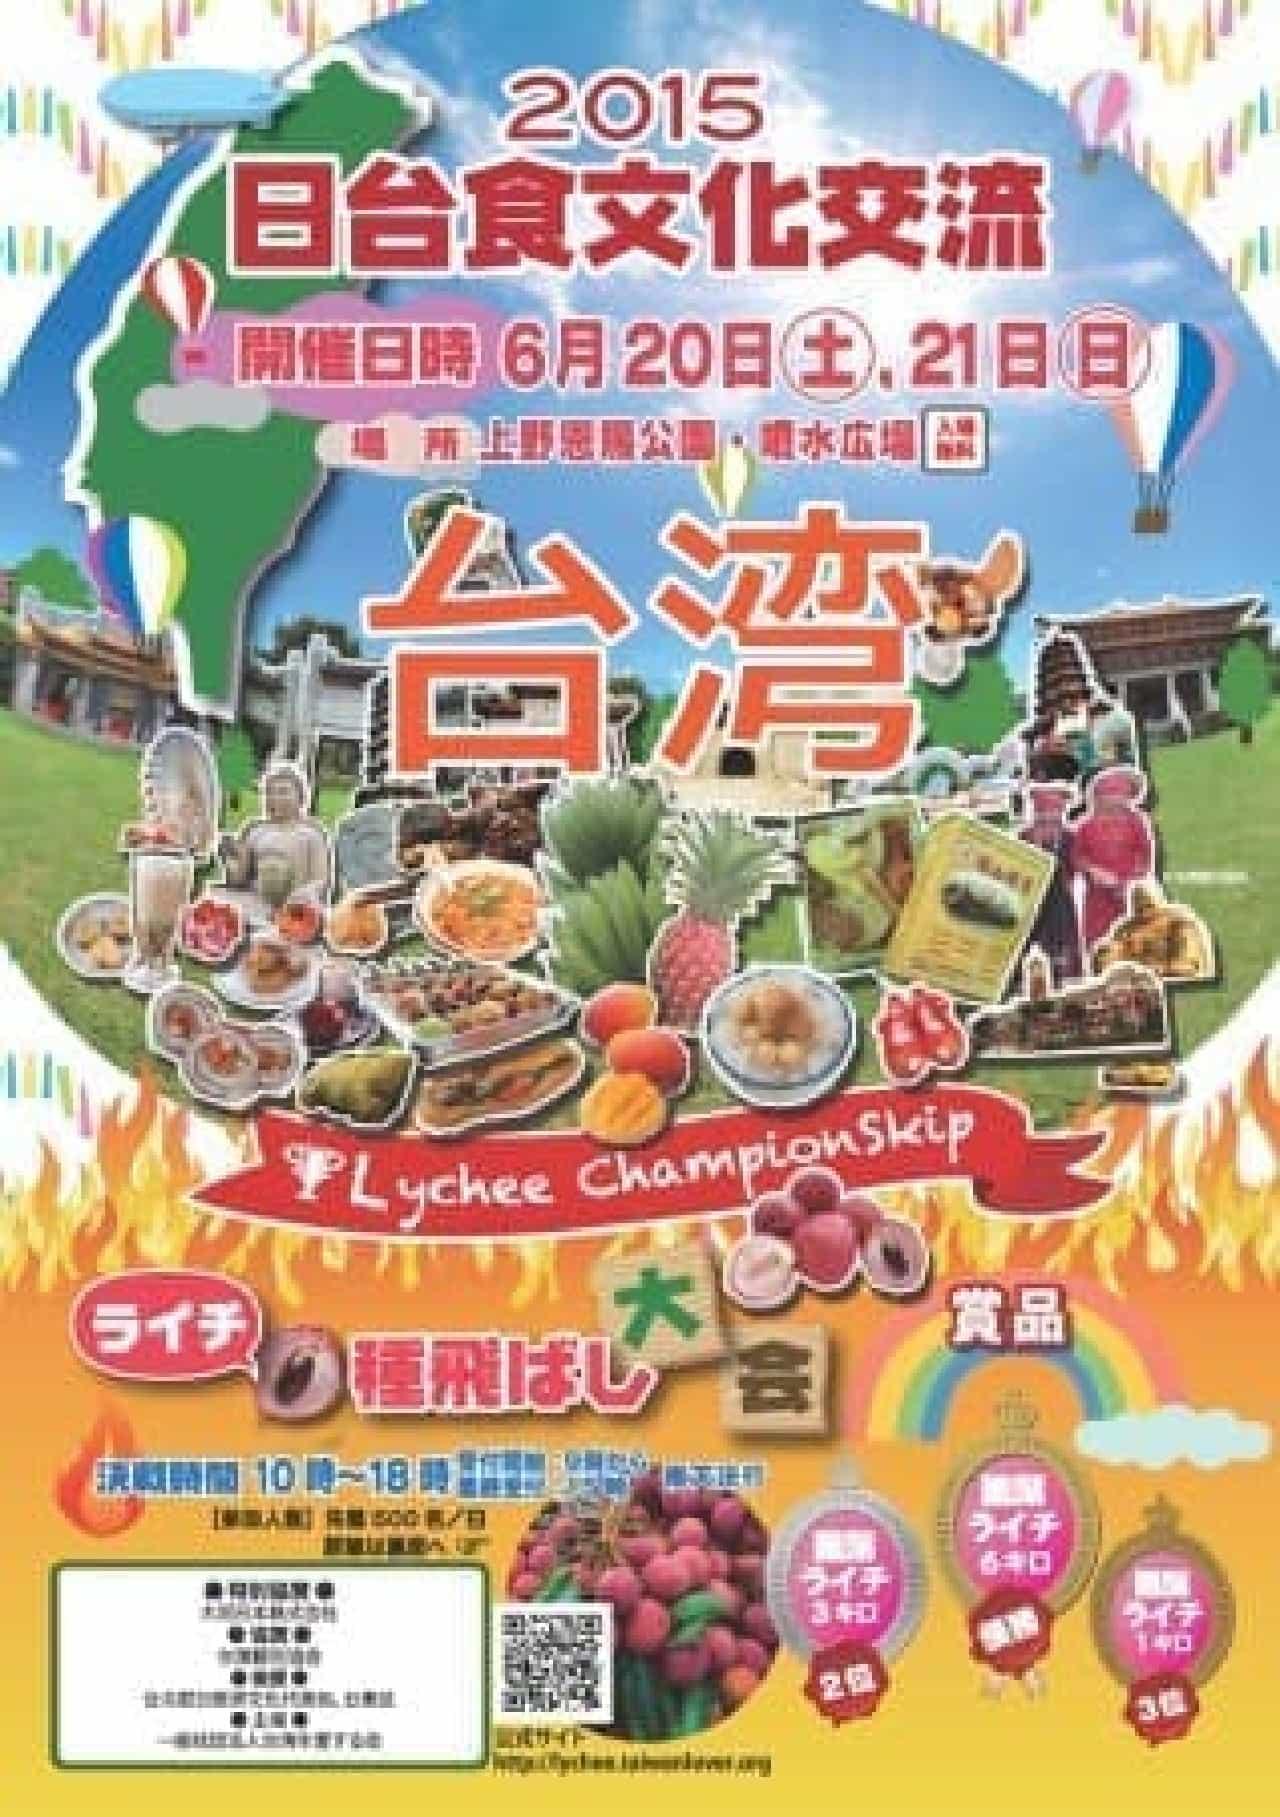 台湾の食がテーマ、「日台食文化交流2015」